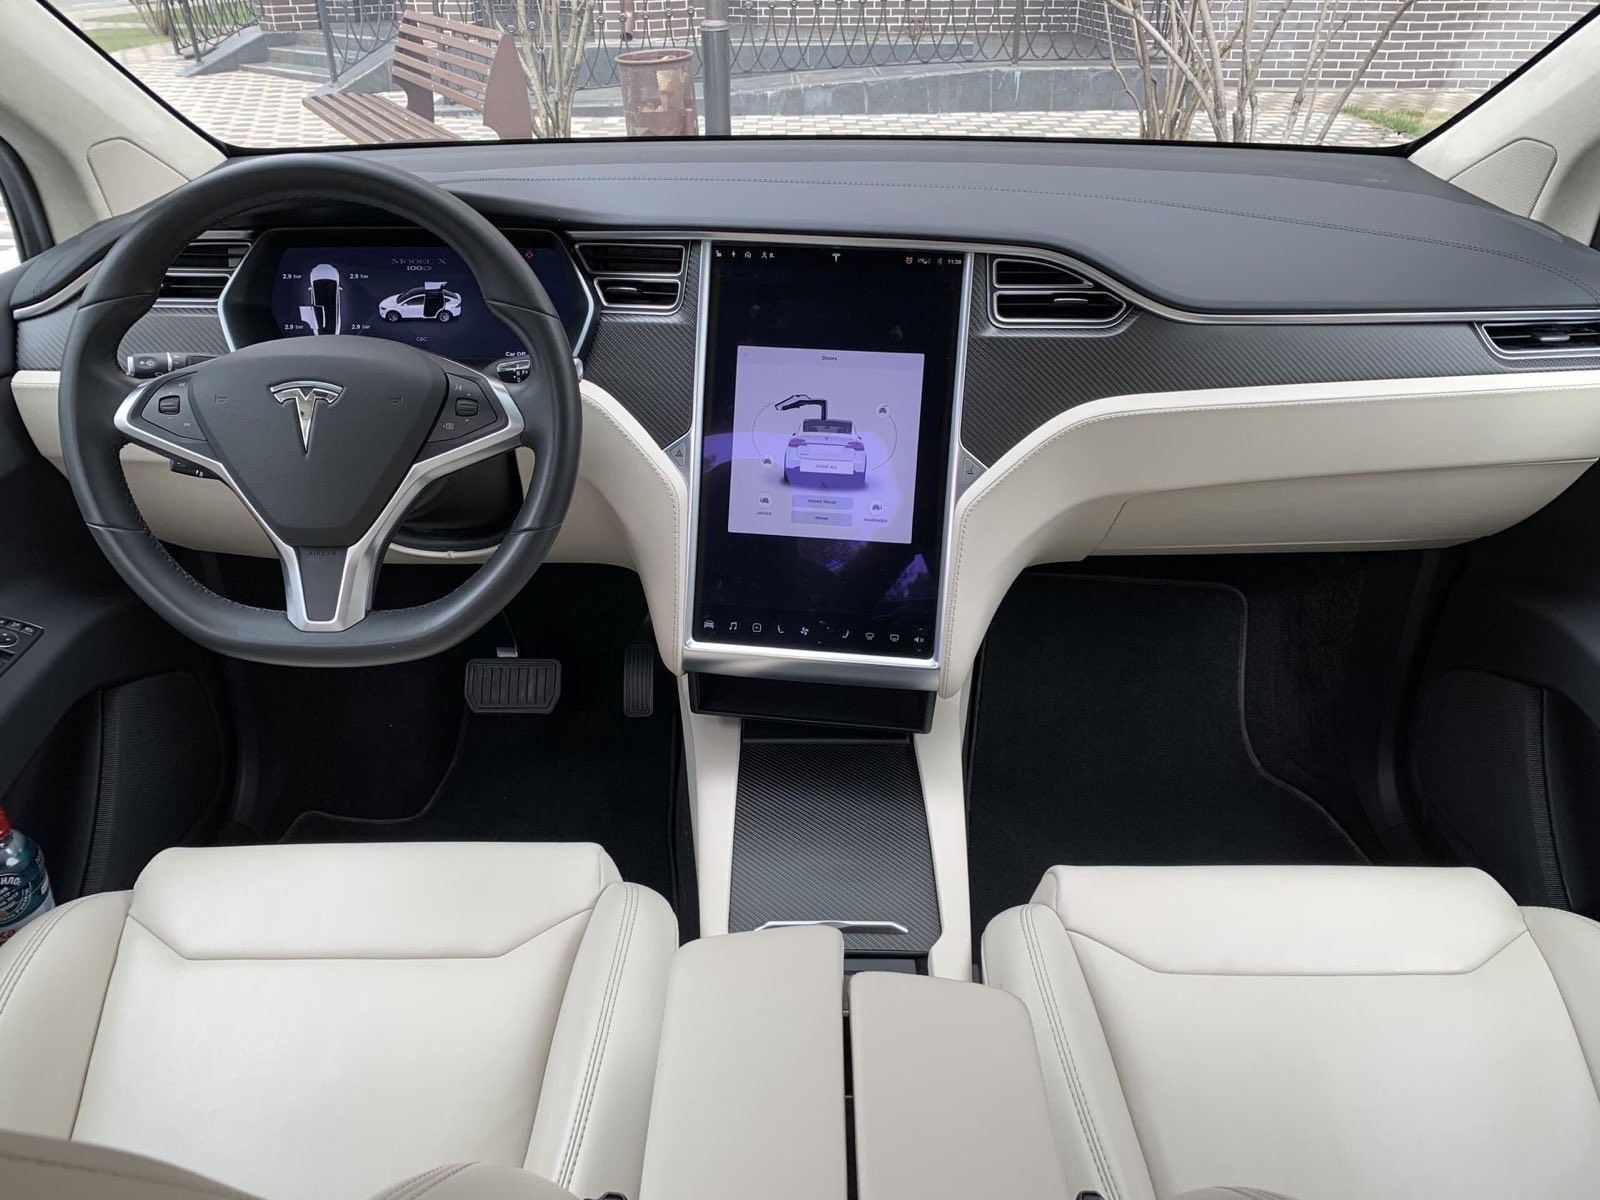 Tesla Model X 100D rental in Kyiv - Rent convertible in Kiev, rent spo